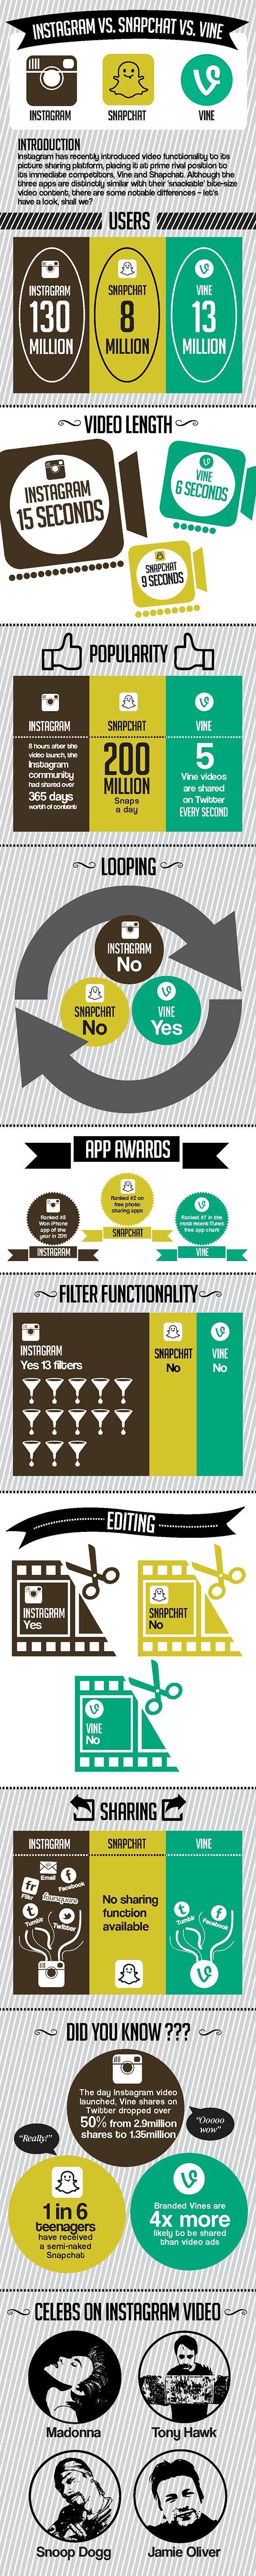 Interesting! #Instagram vs #Snapchat vs #Vine #infographic